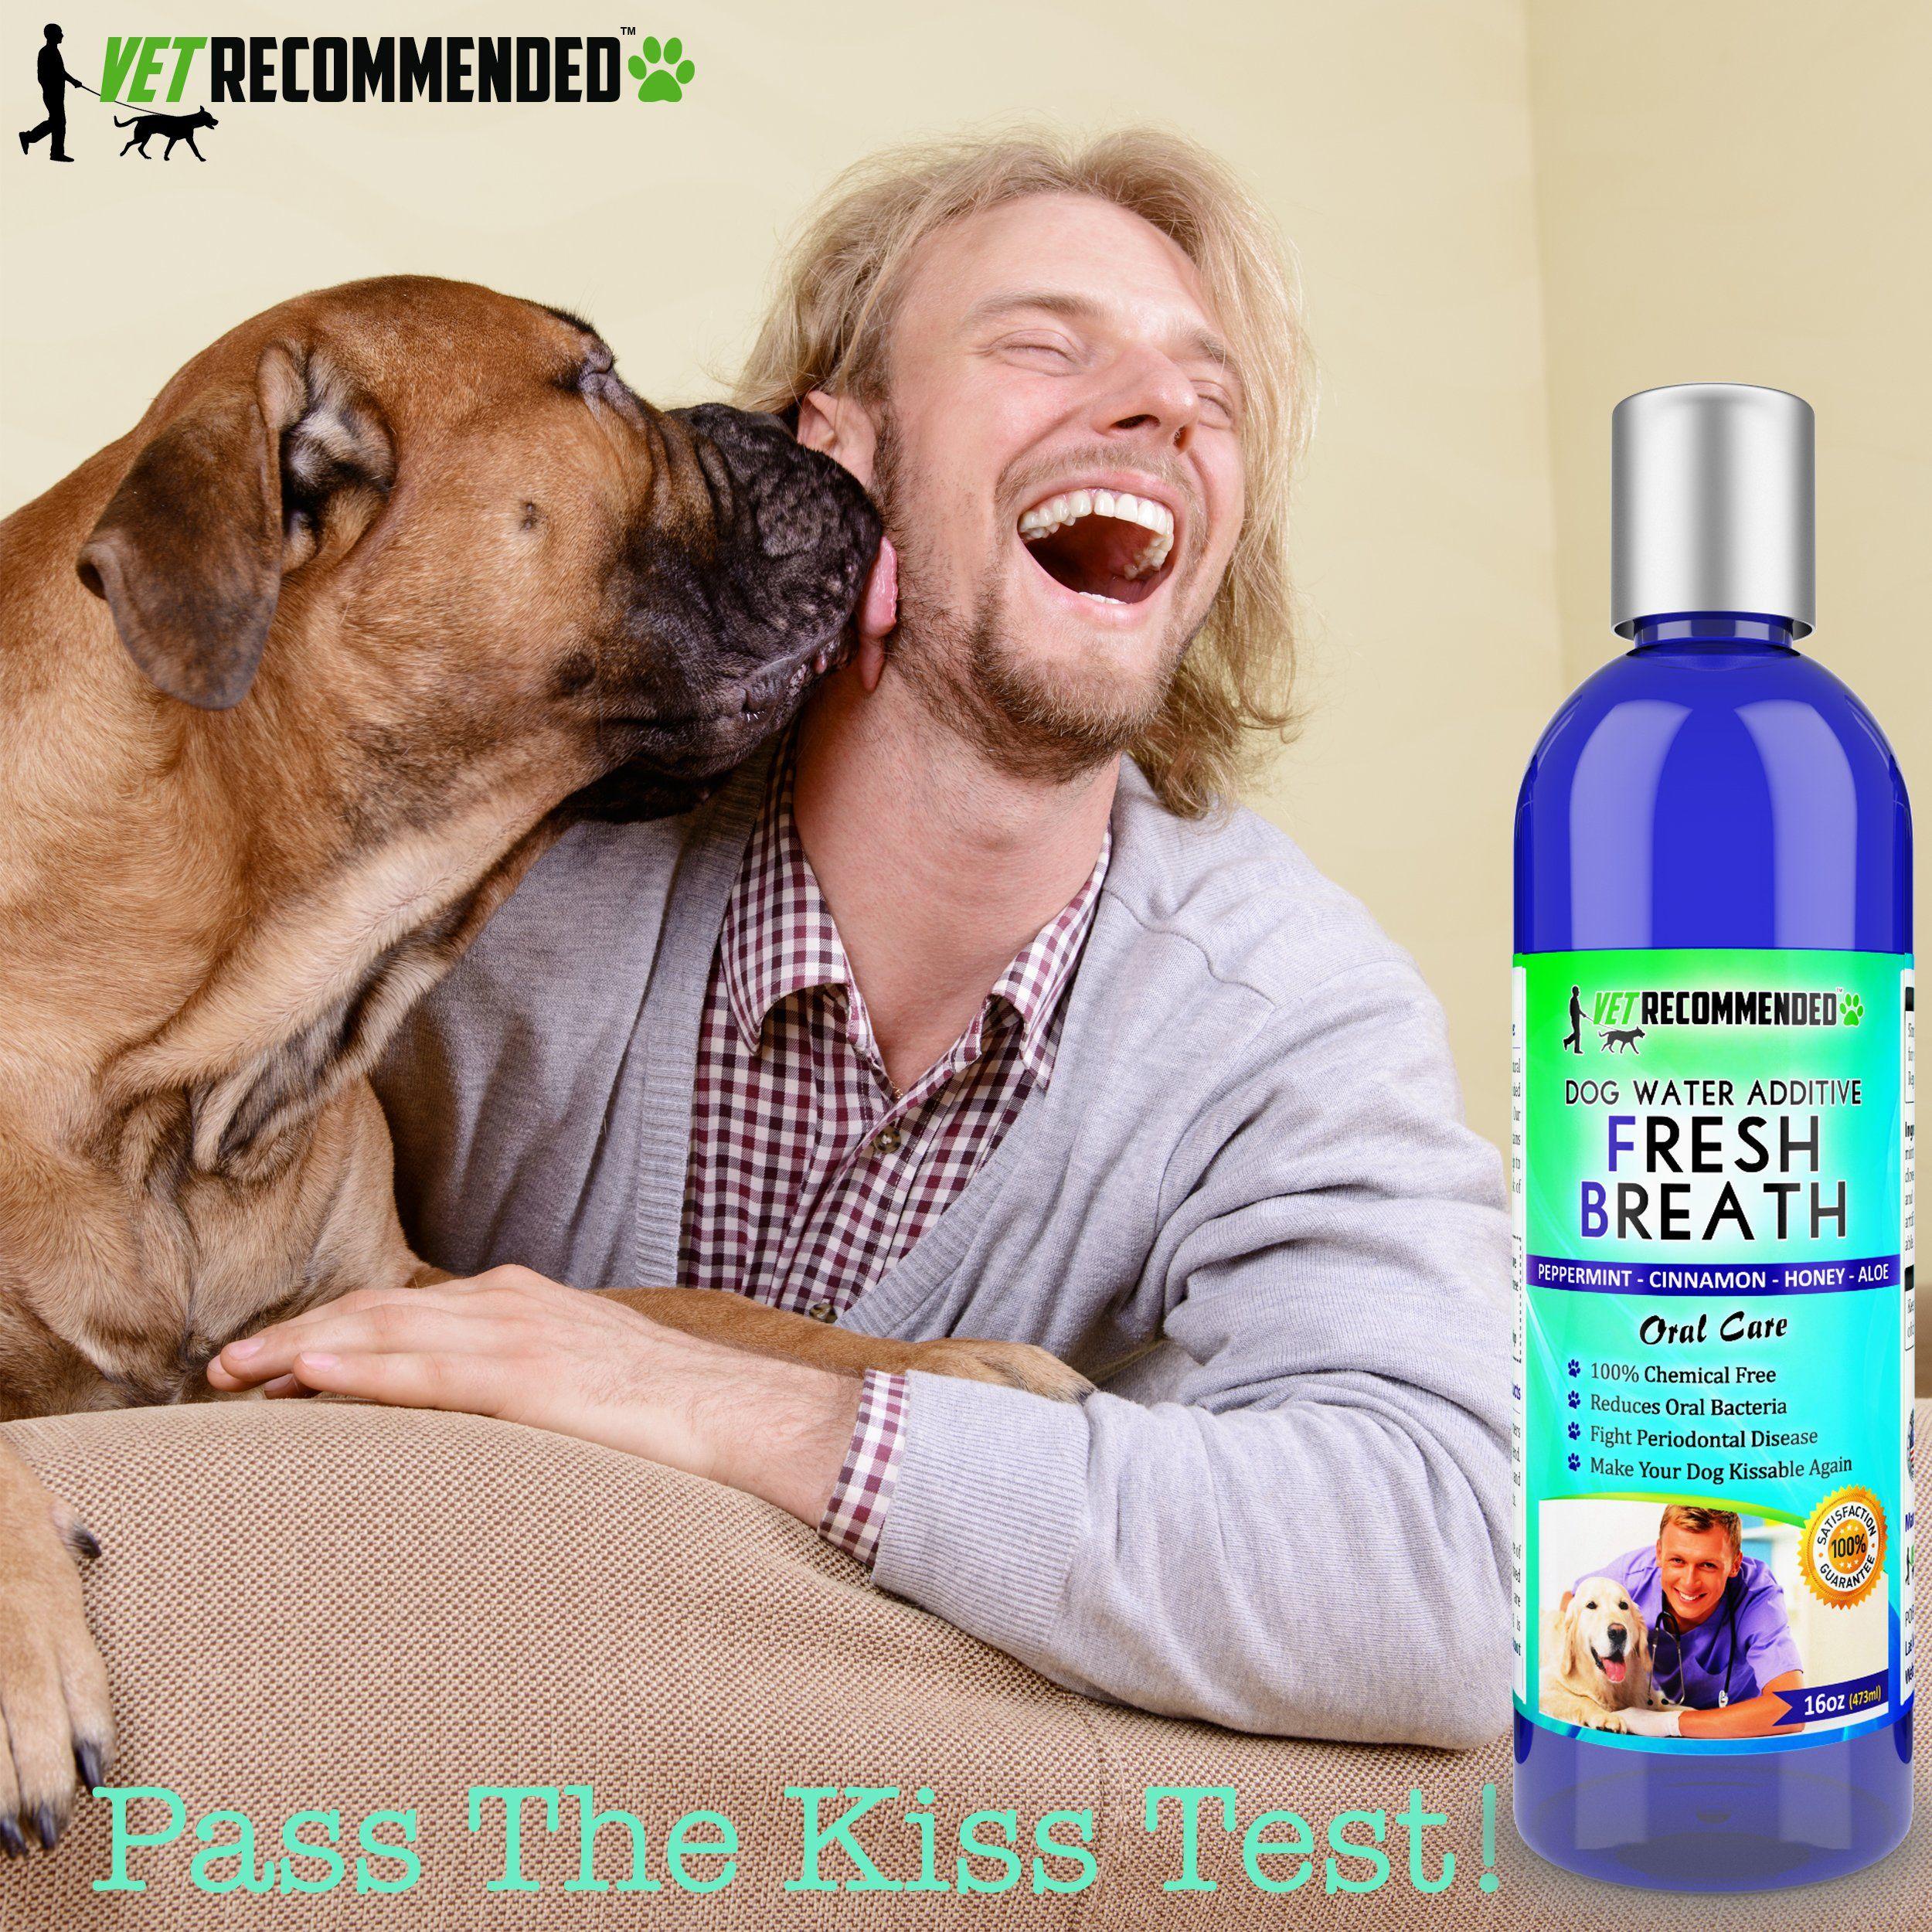 New Vet Recommended Dog Breath Freshener Water Additive For Pet Dental Care All Natural Works To Eliminate Germs Dog Dental Care Pet Dental Care Dog Dental